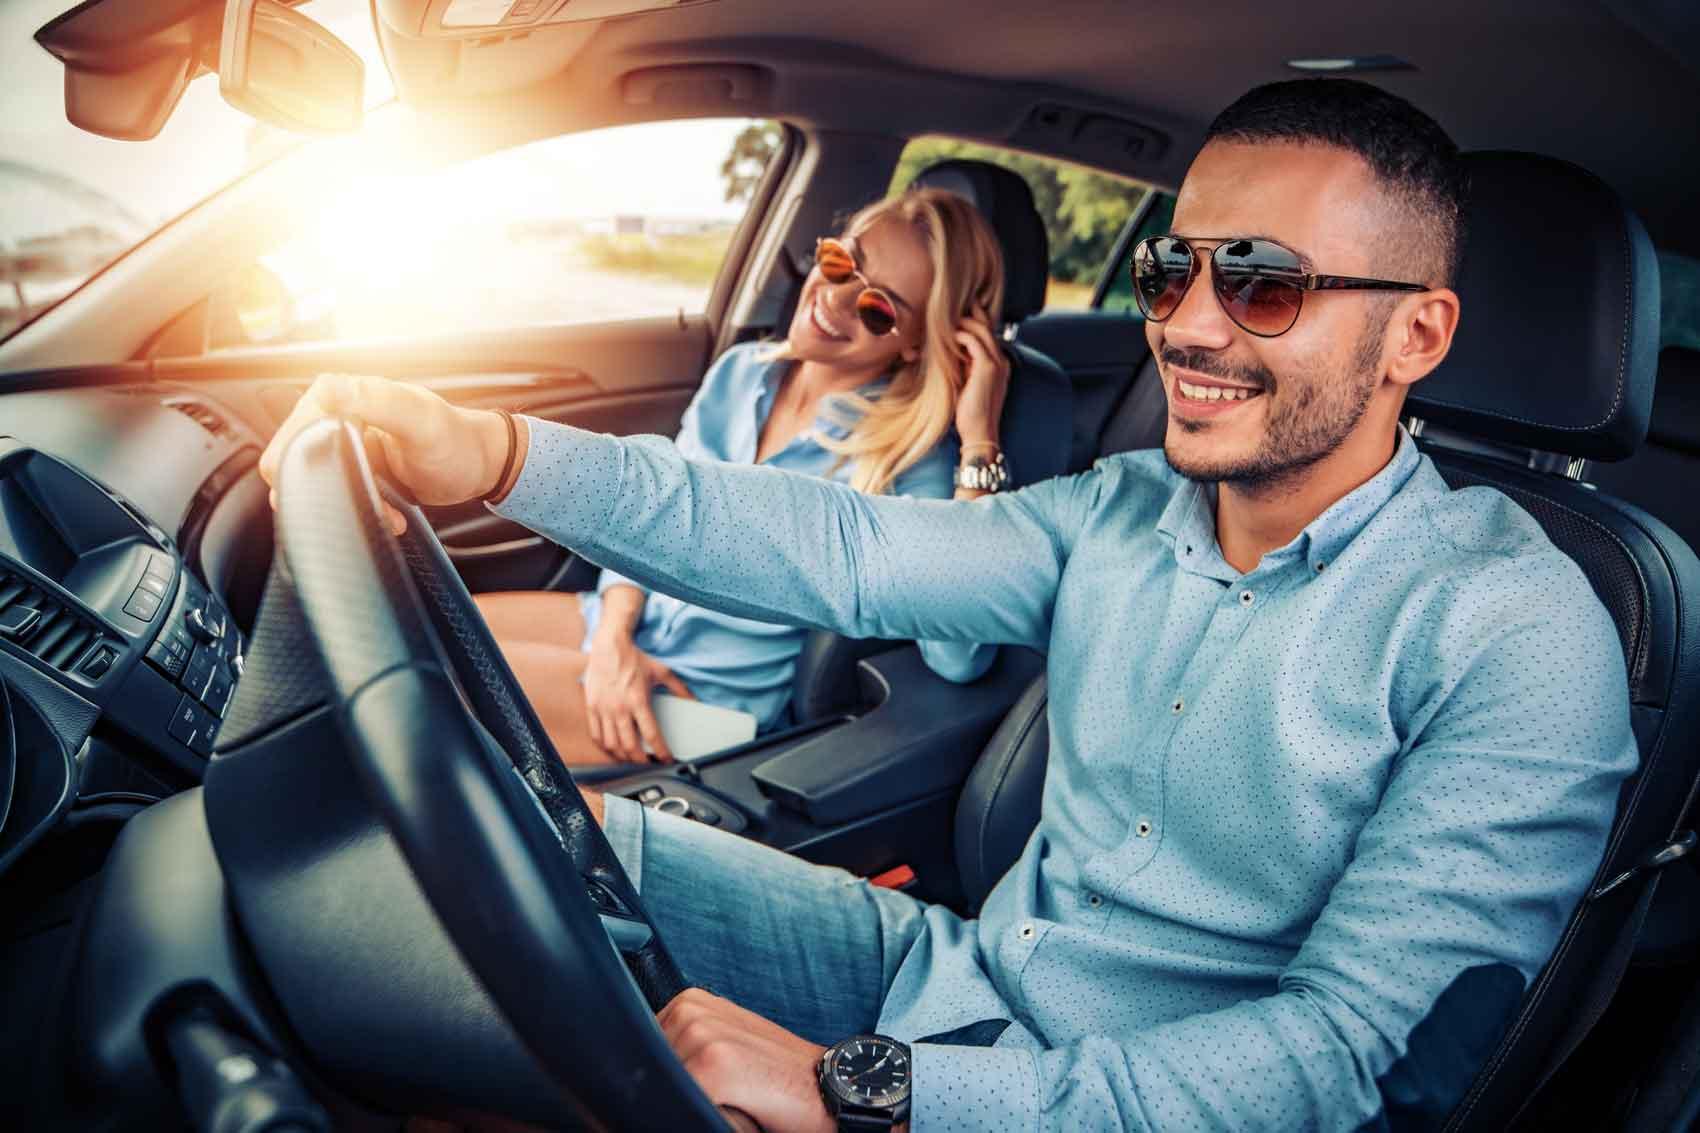 Autoversicherung abschließen? Bei ViveLaCar inklusive.